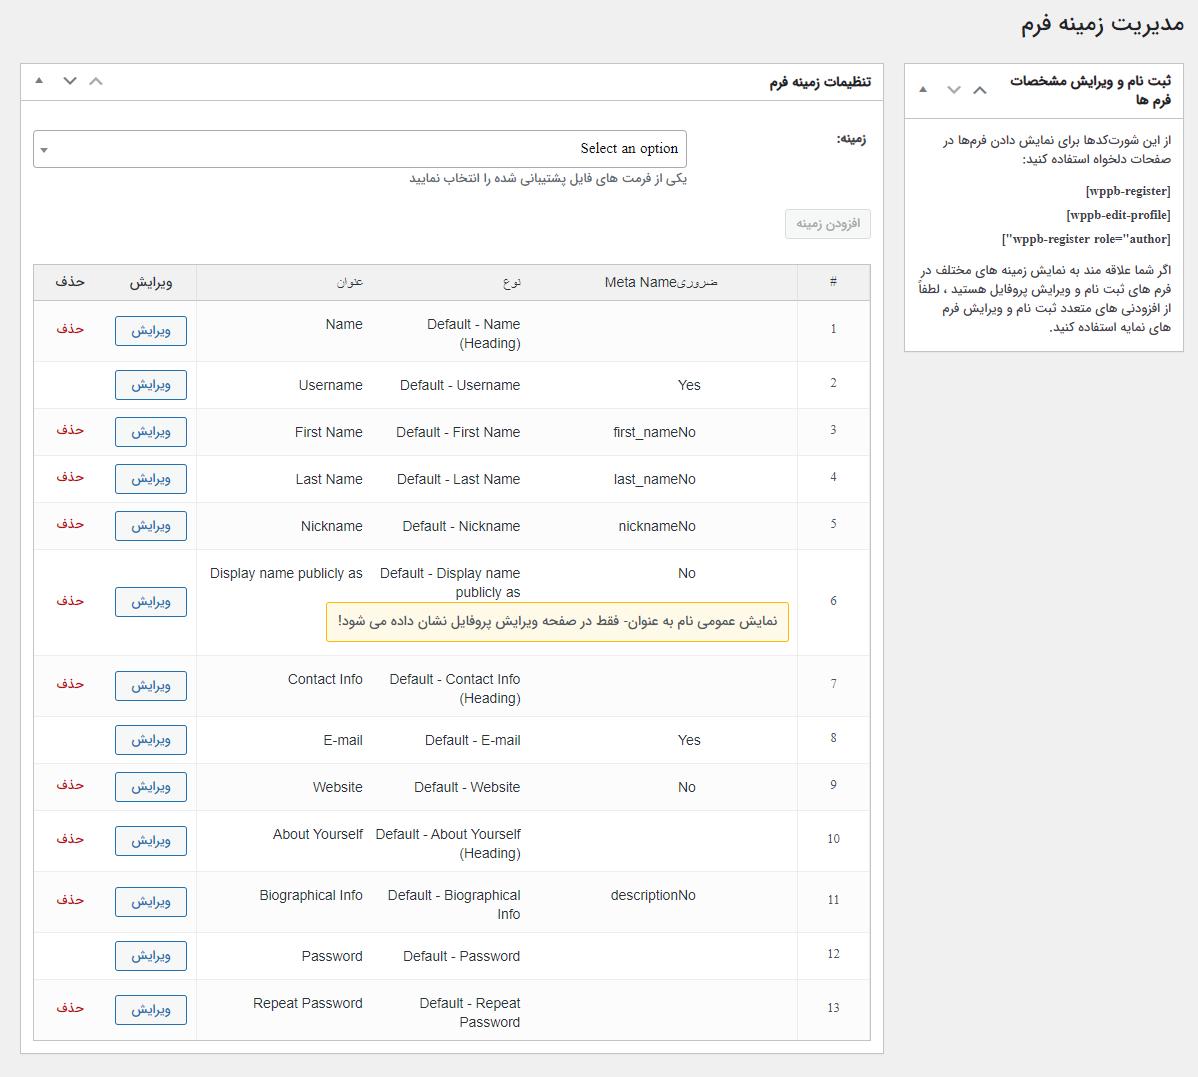 افزونه Profile Builder Pro | افزونه پروفایل بیلدر پرو| طراحل پنل کاربری در وردپرس | افزودنی های پروفایل بیلدر | افزونه طراحی فرم ثبت نام